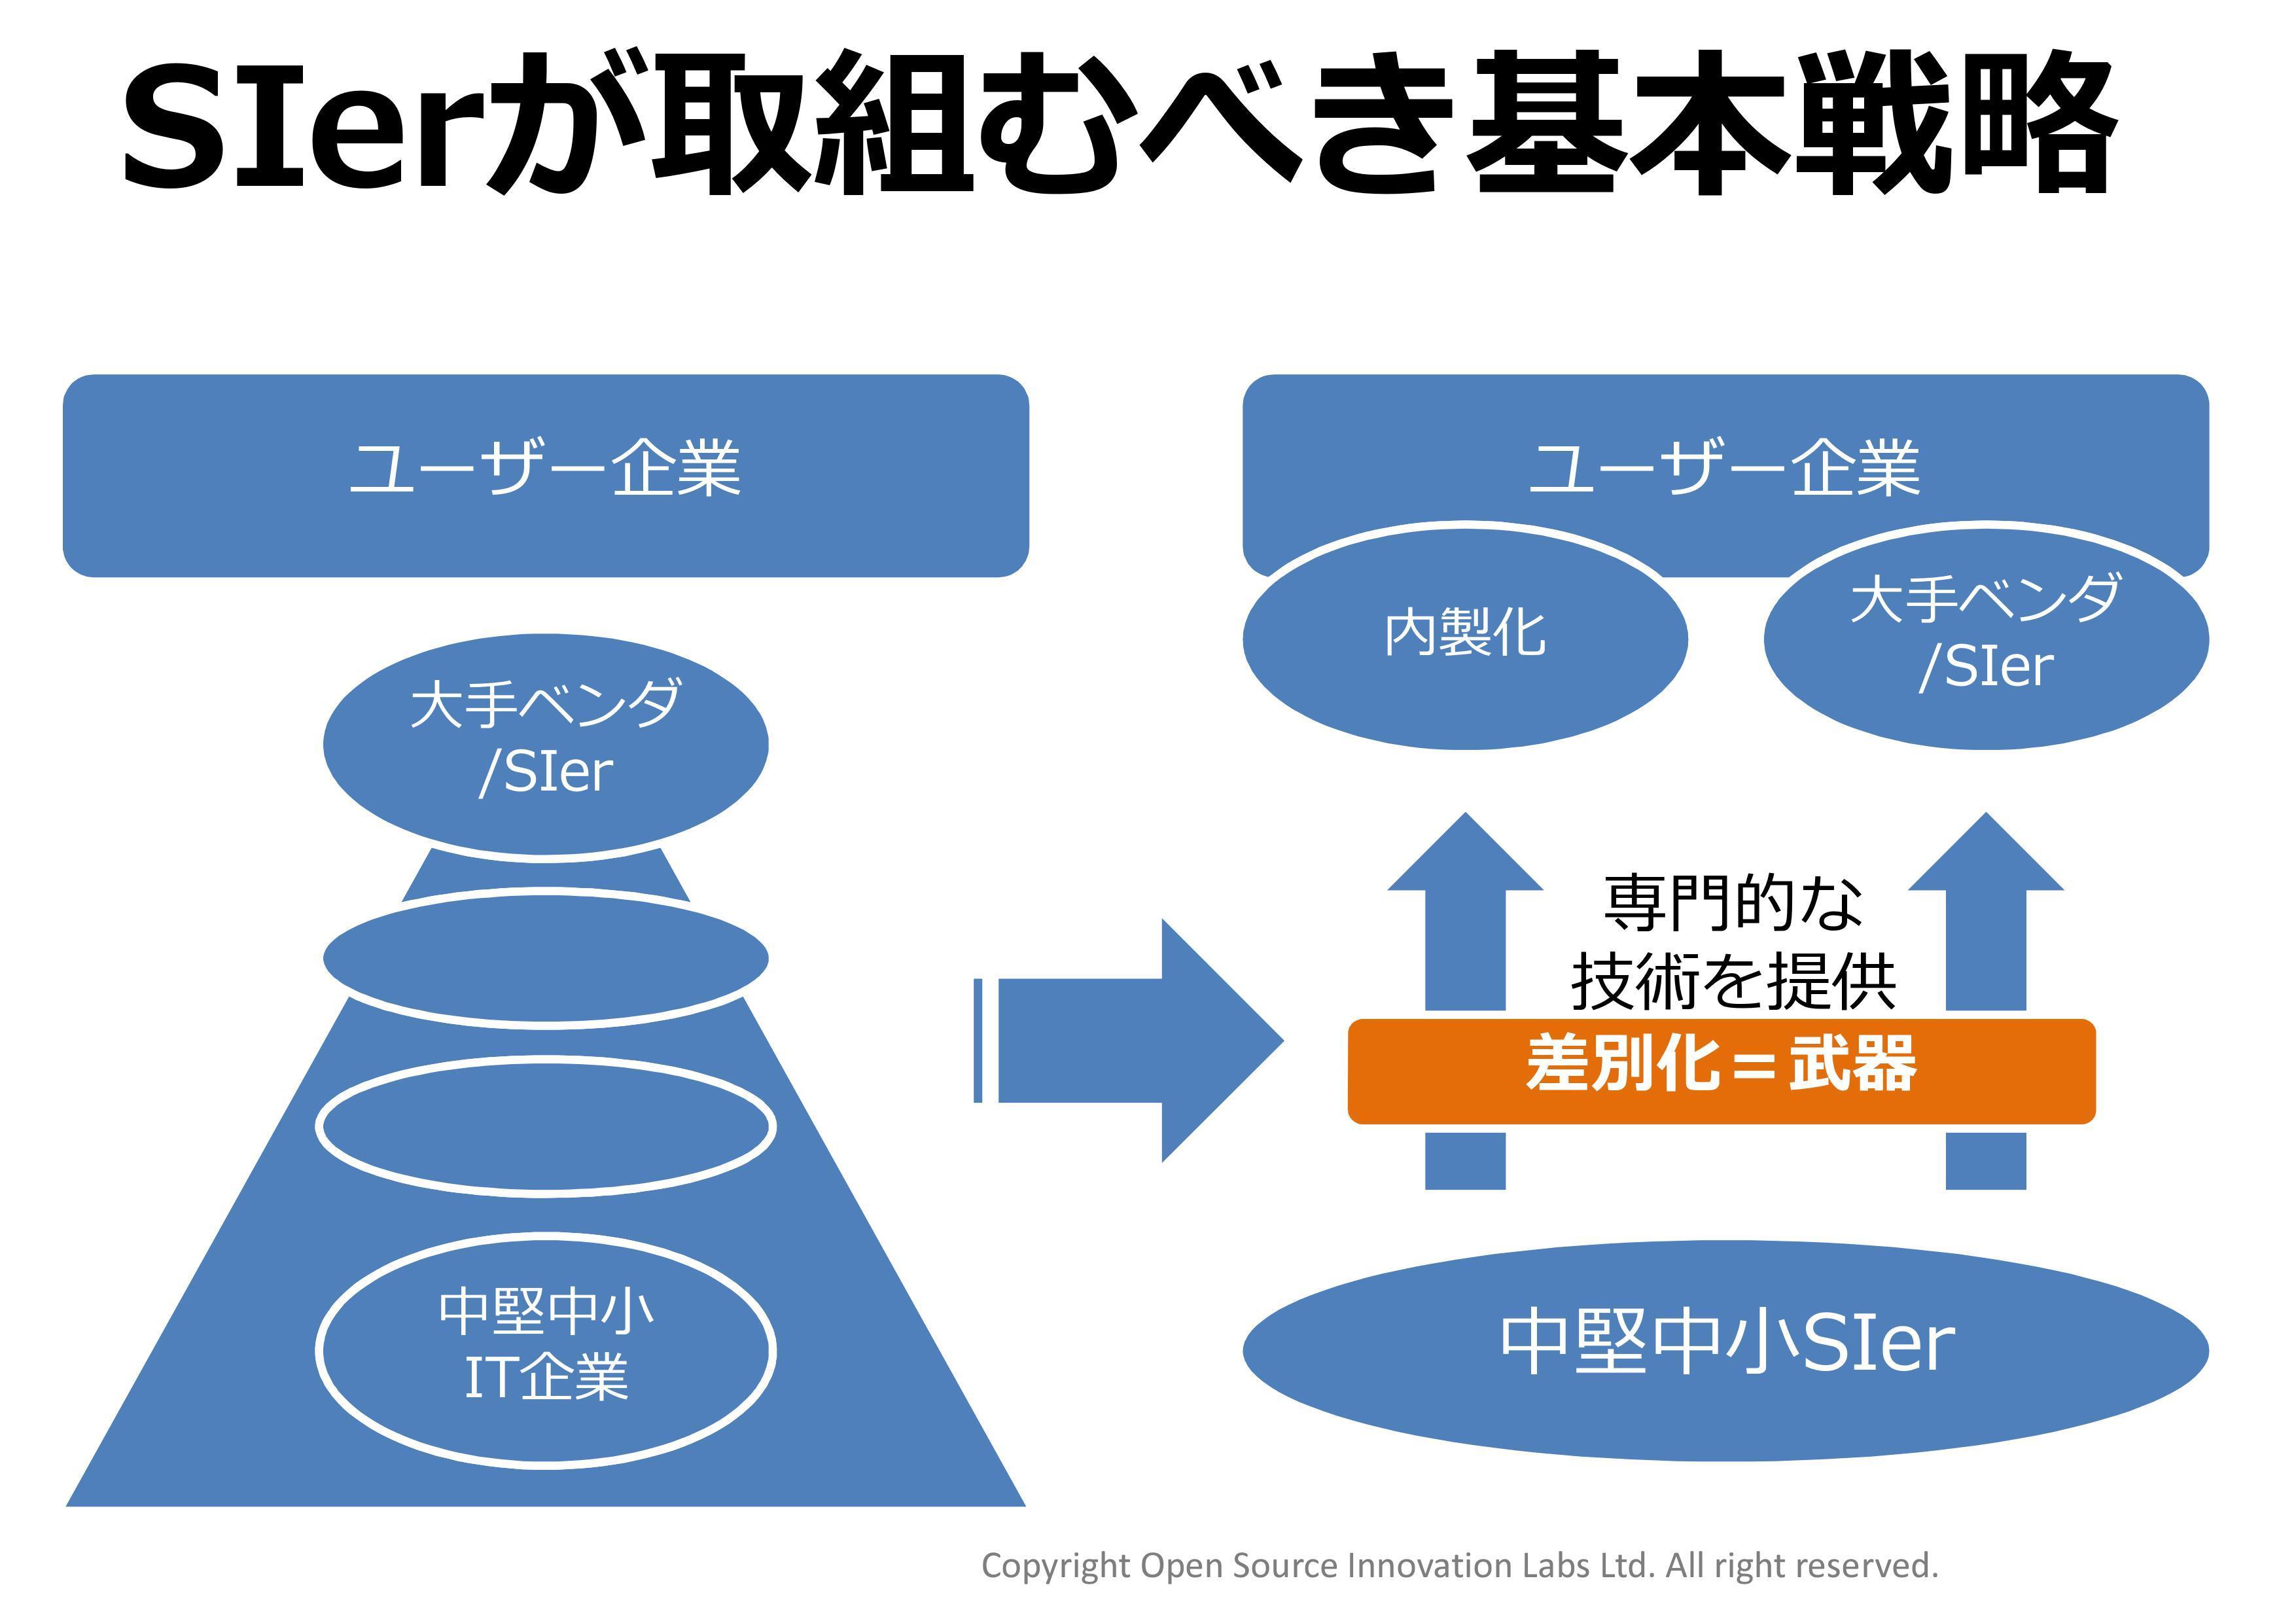 SIerの基本戦略